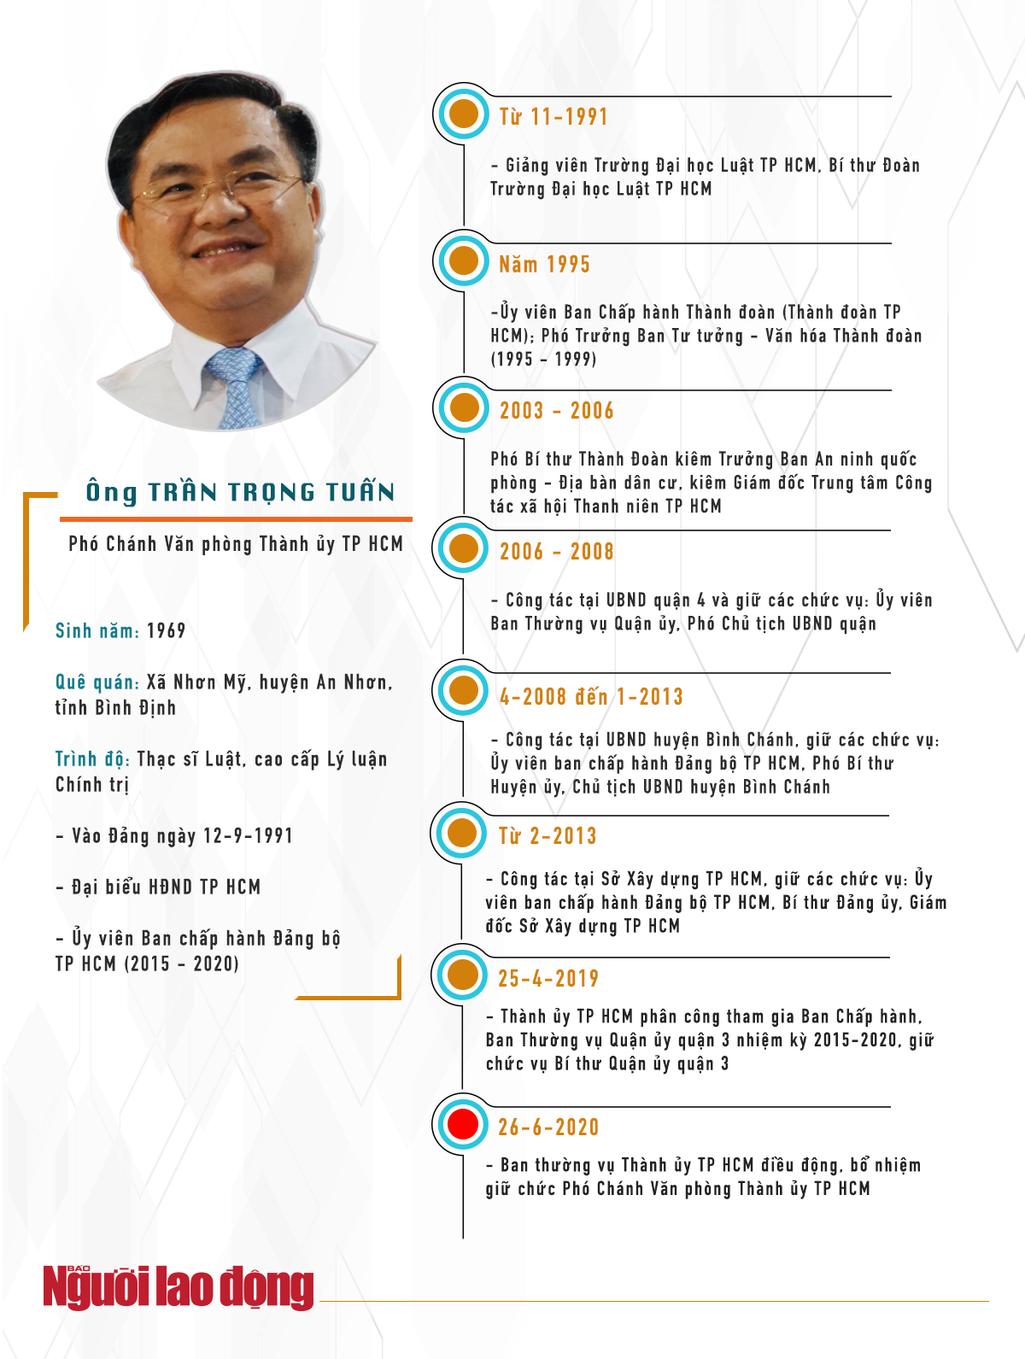 """[Infographic] """"Quan lộ"""" của ông Trần Vĩnh Tuyến và ông Trần Trọng Tuấn - 2"""